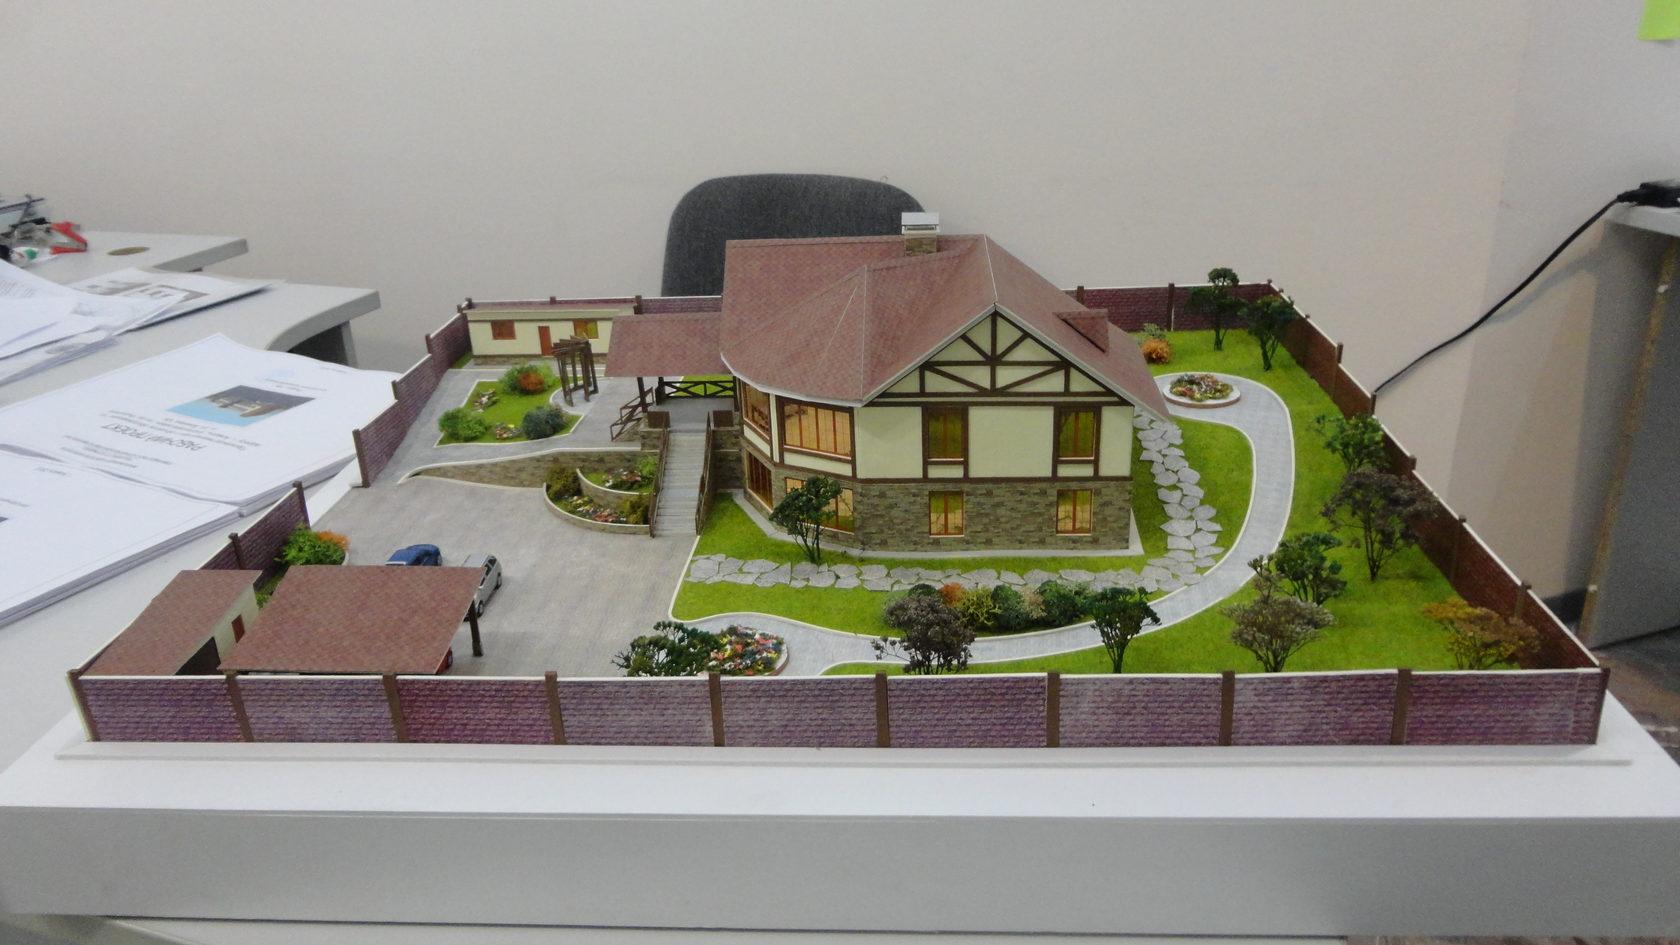 Студенты Тверской области могут представить проекты на архитектурном  конкурсе